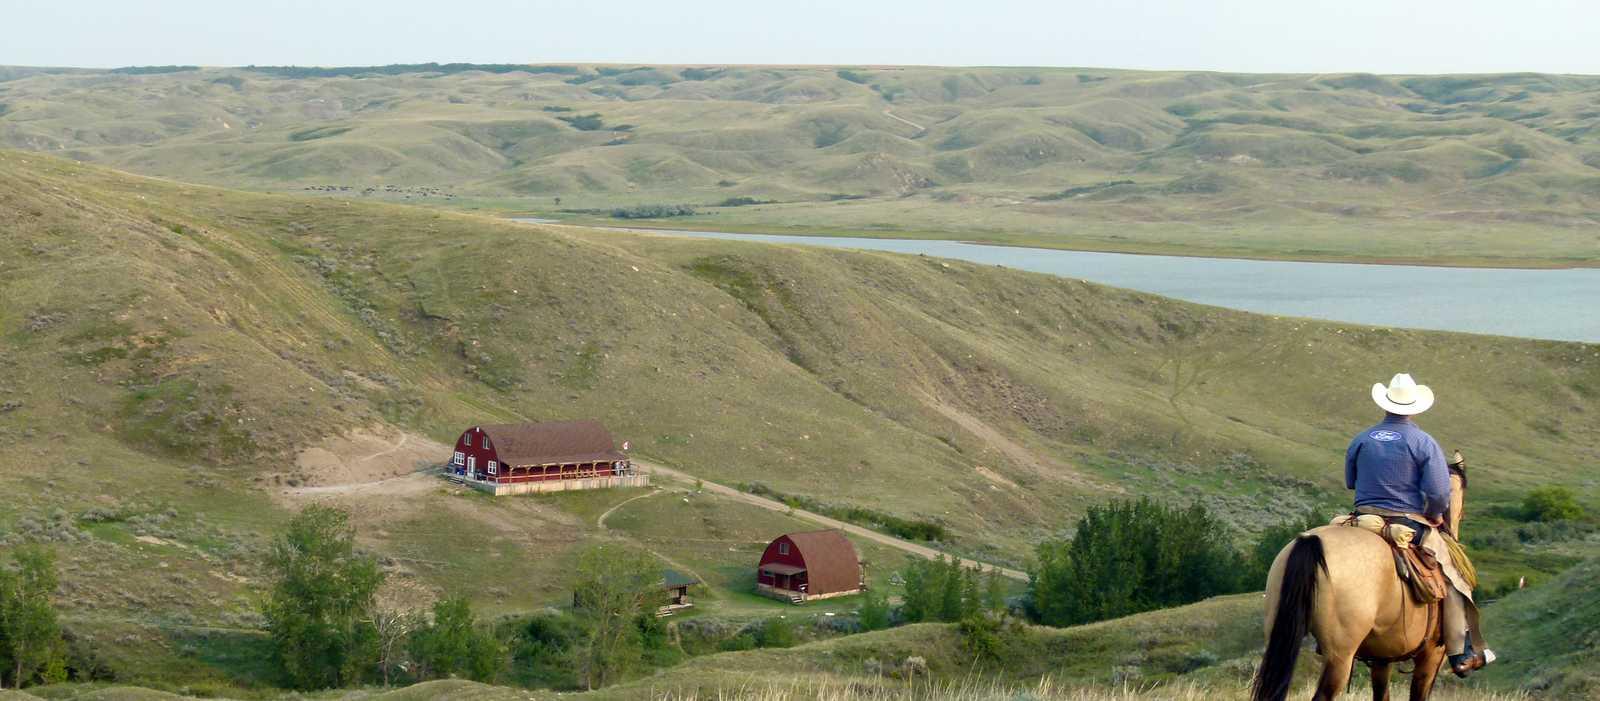 La Reata Ranch, Reiter und Pferd blicken auf die Ranch